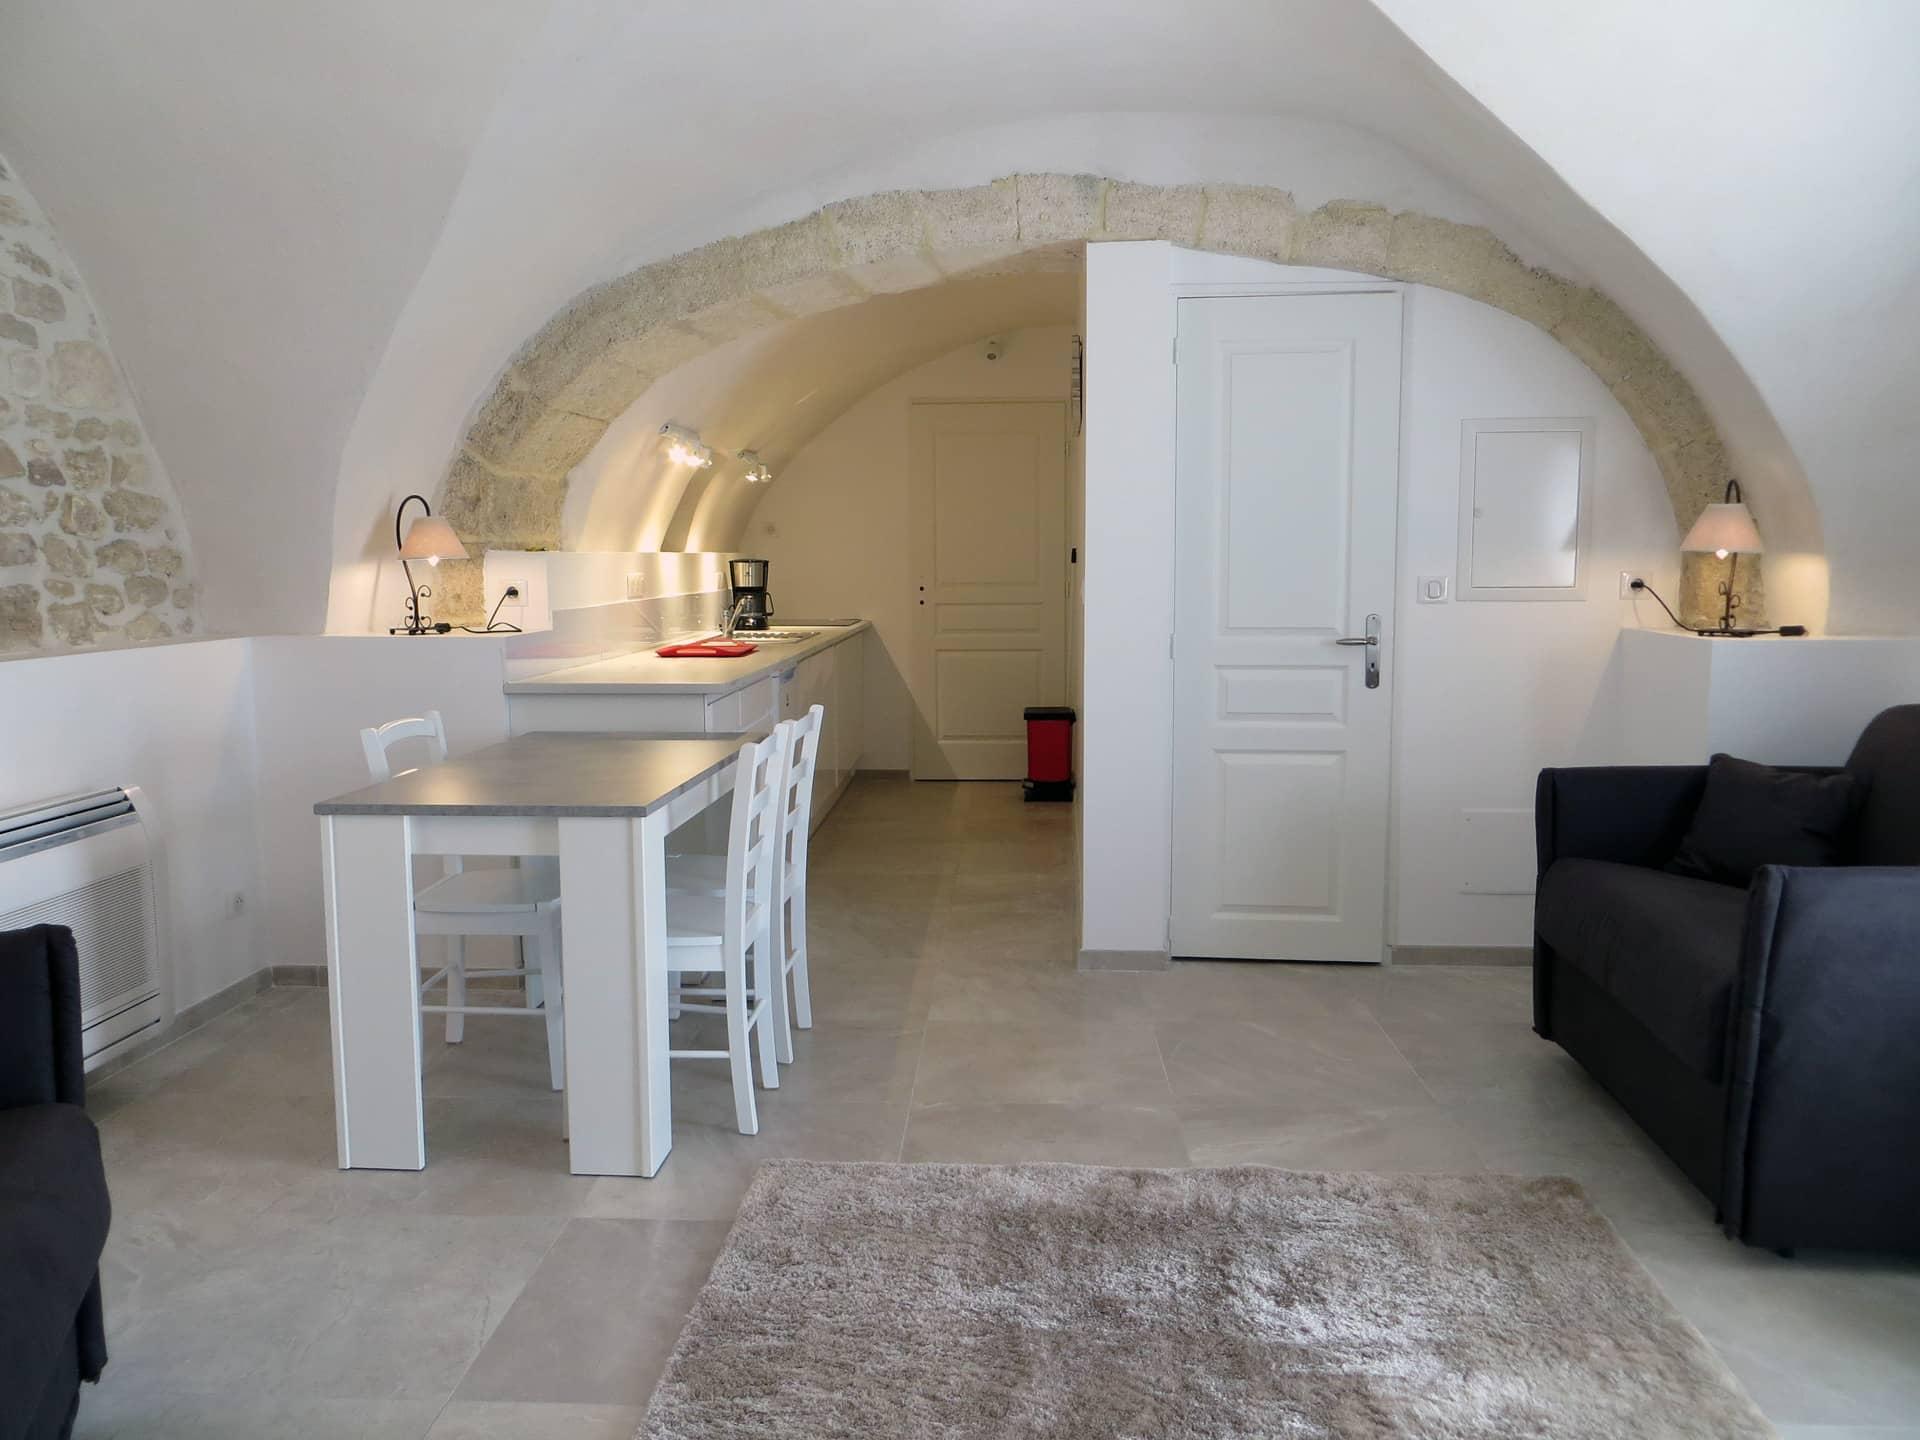 Cuisine d'un appart hôtel de charme Domaine de Christin Gard